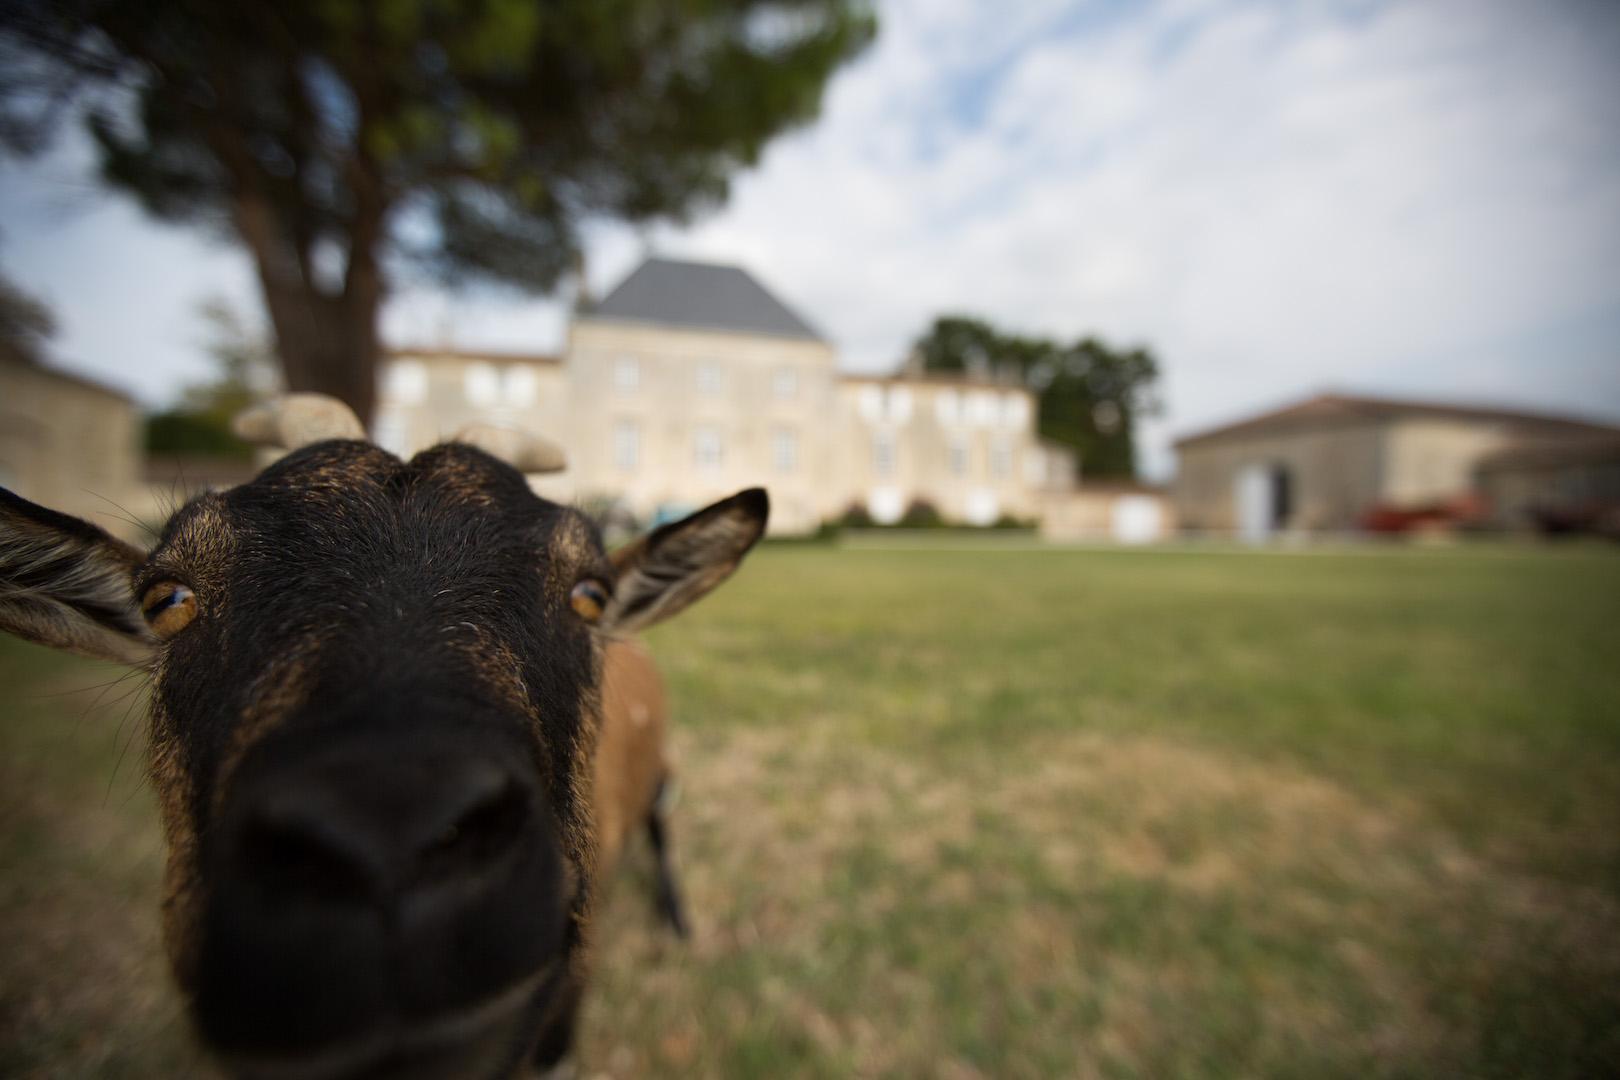 philosophy-chateau-des-arras-view-zoom-goat